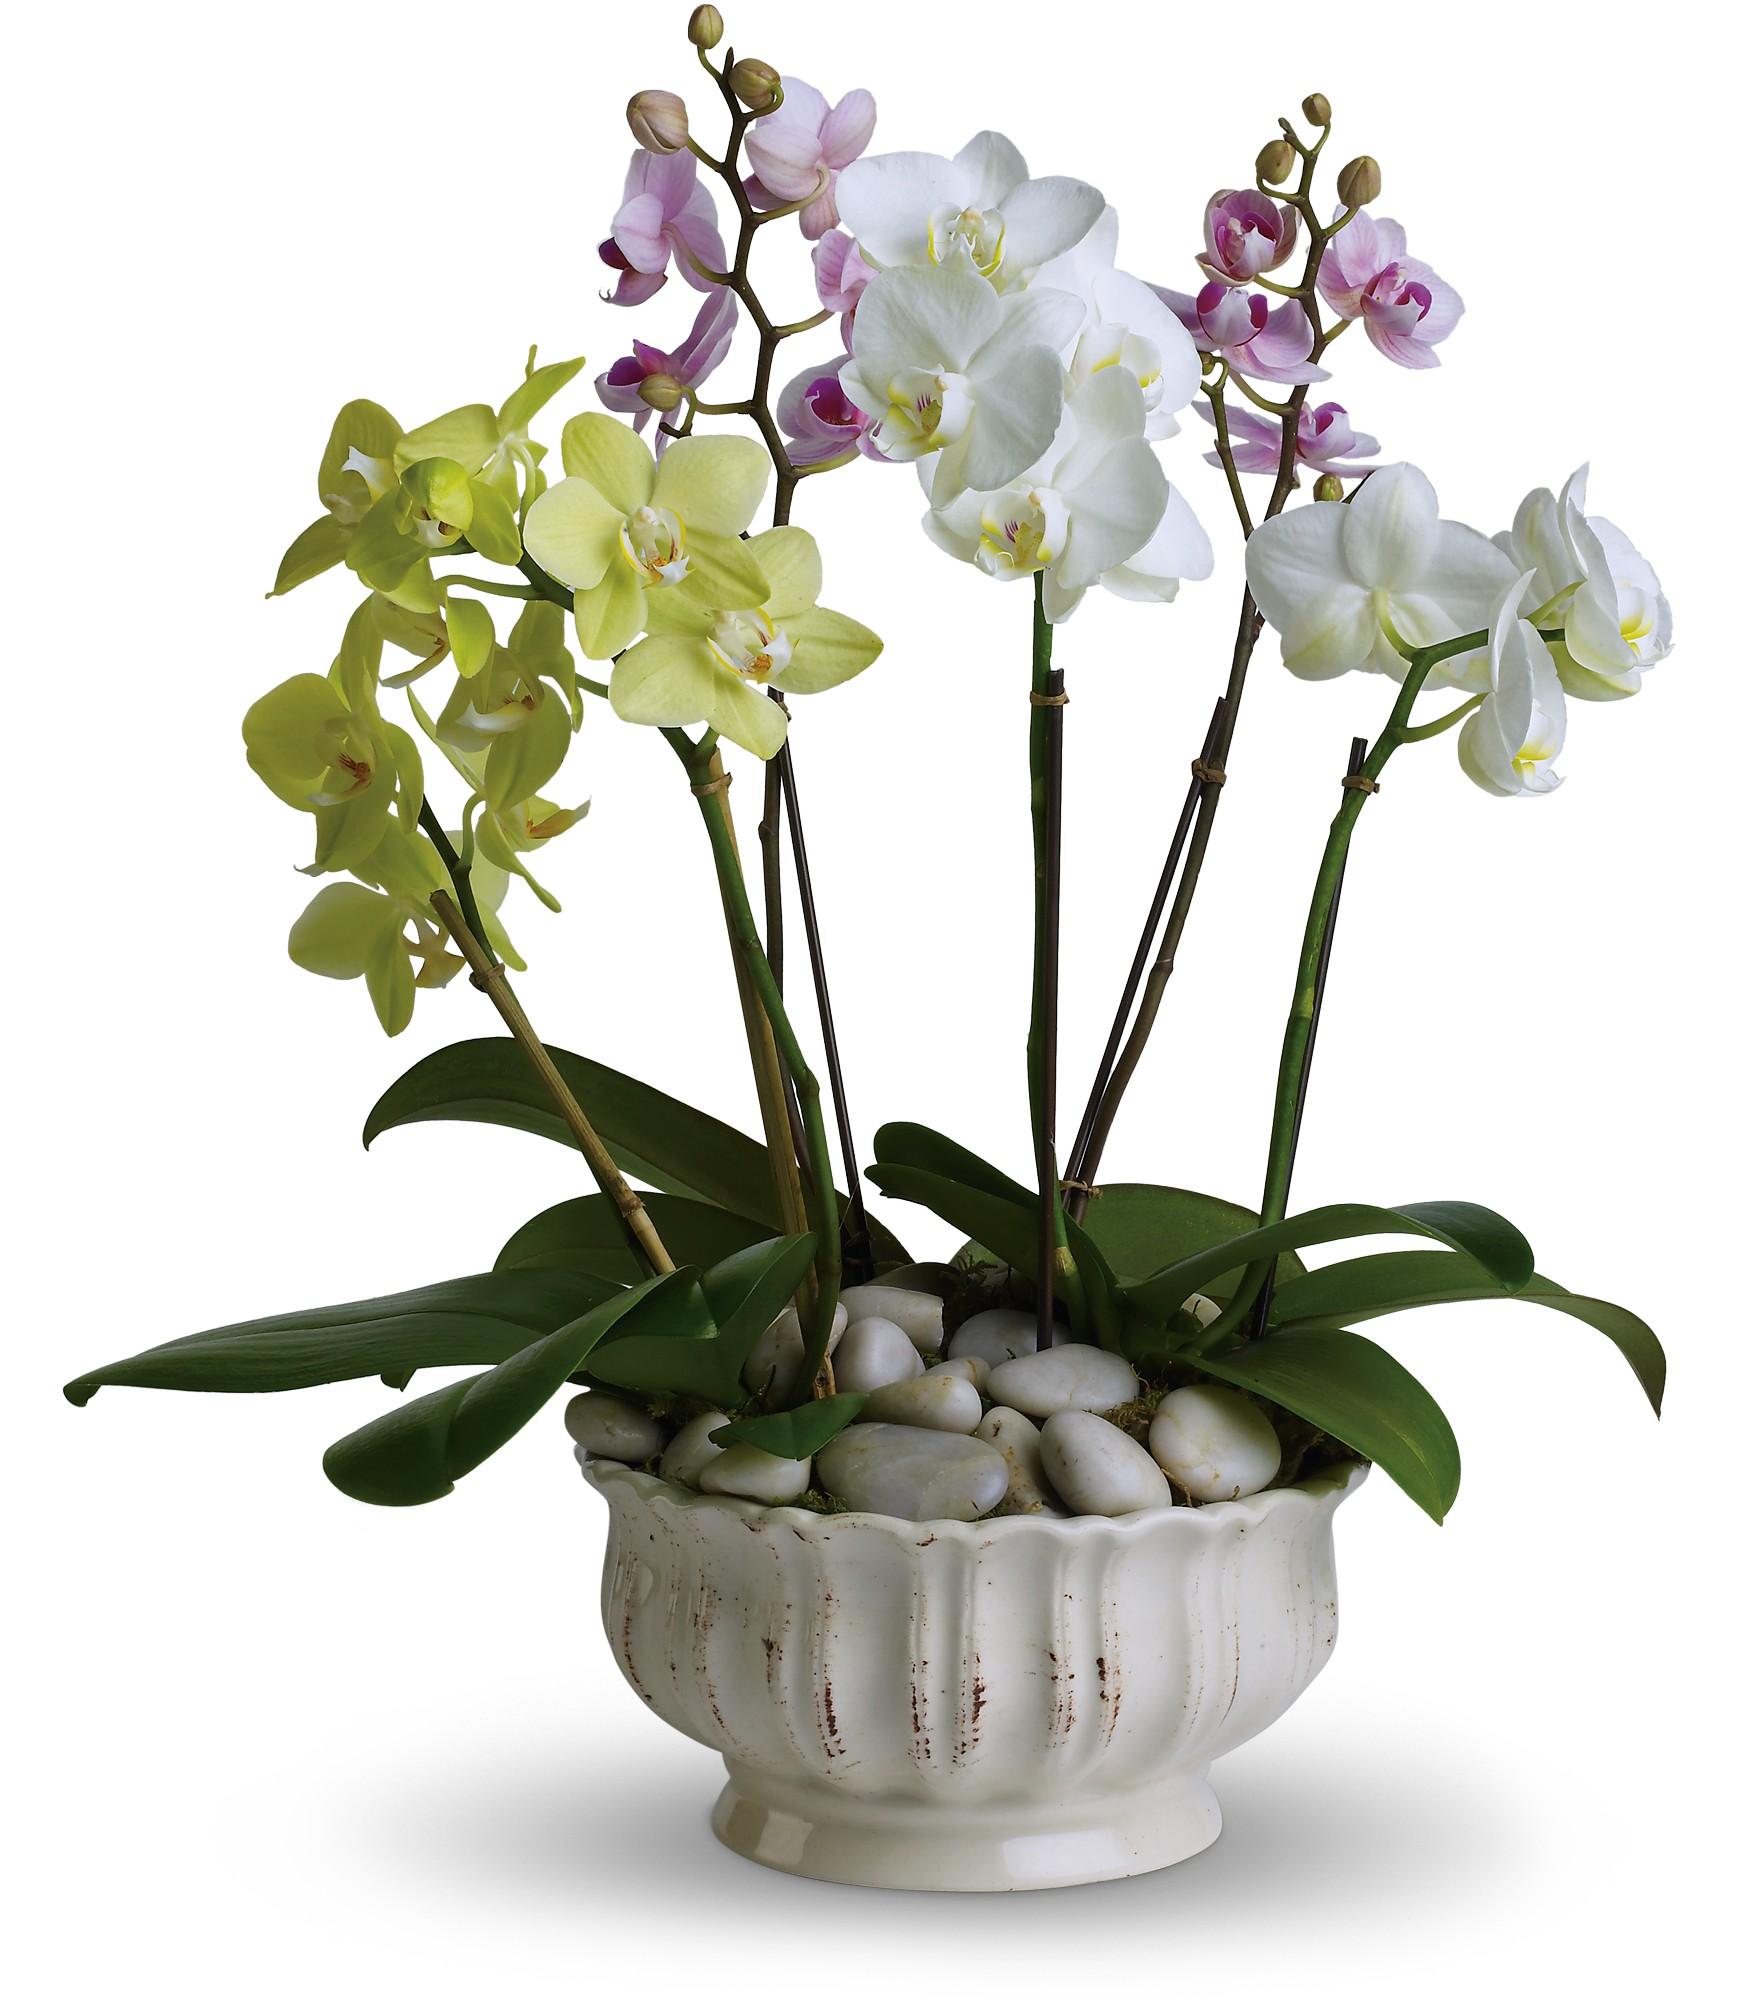 rm-447-exquisite-orchid-exotic-garden.jpg